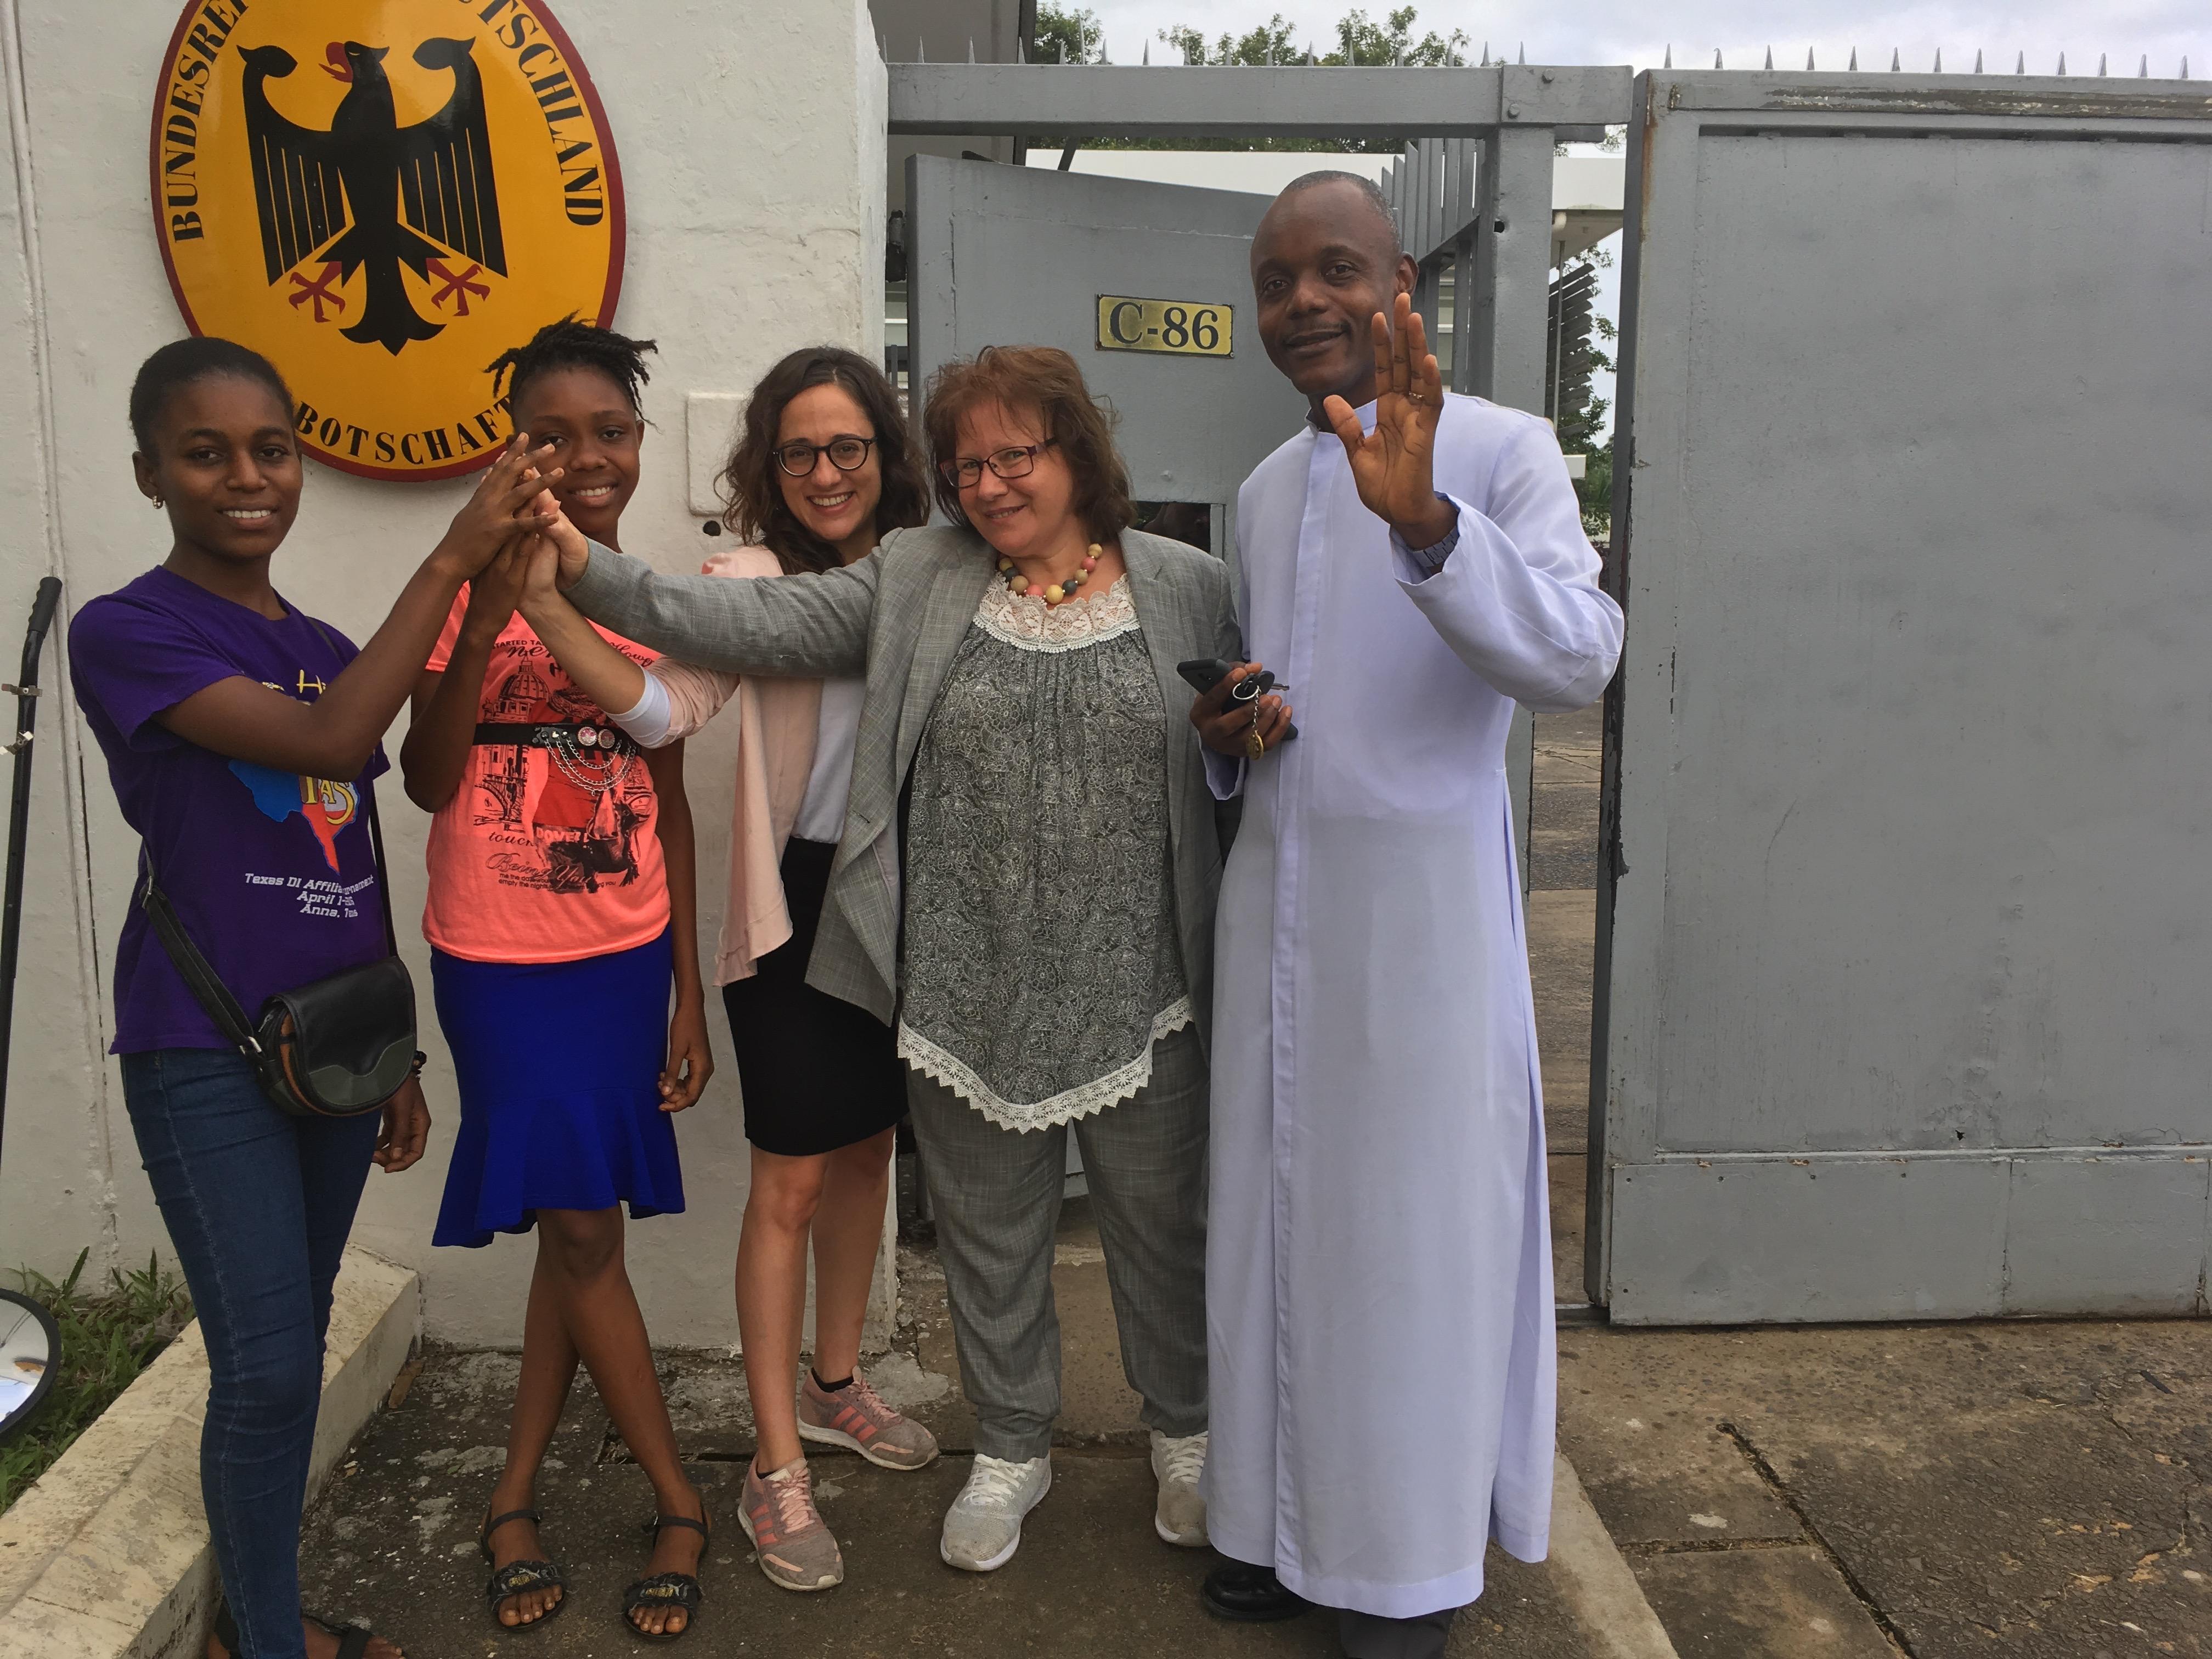 Personengruppe vor der Deutschen Botschaft in Monrovia